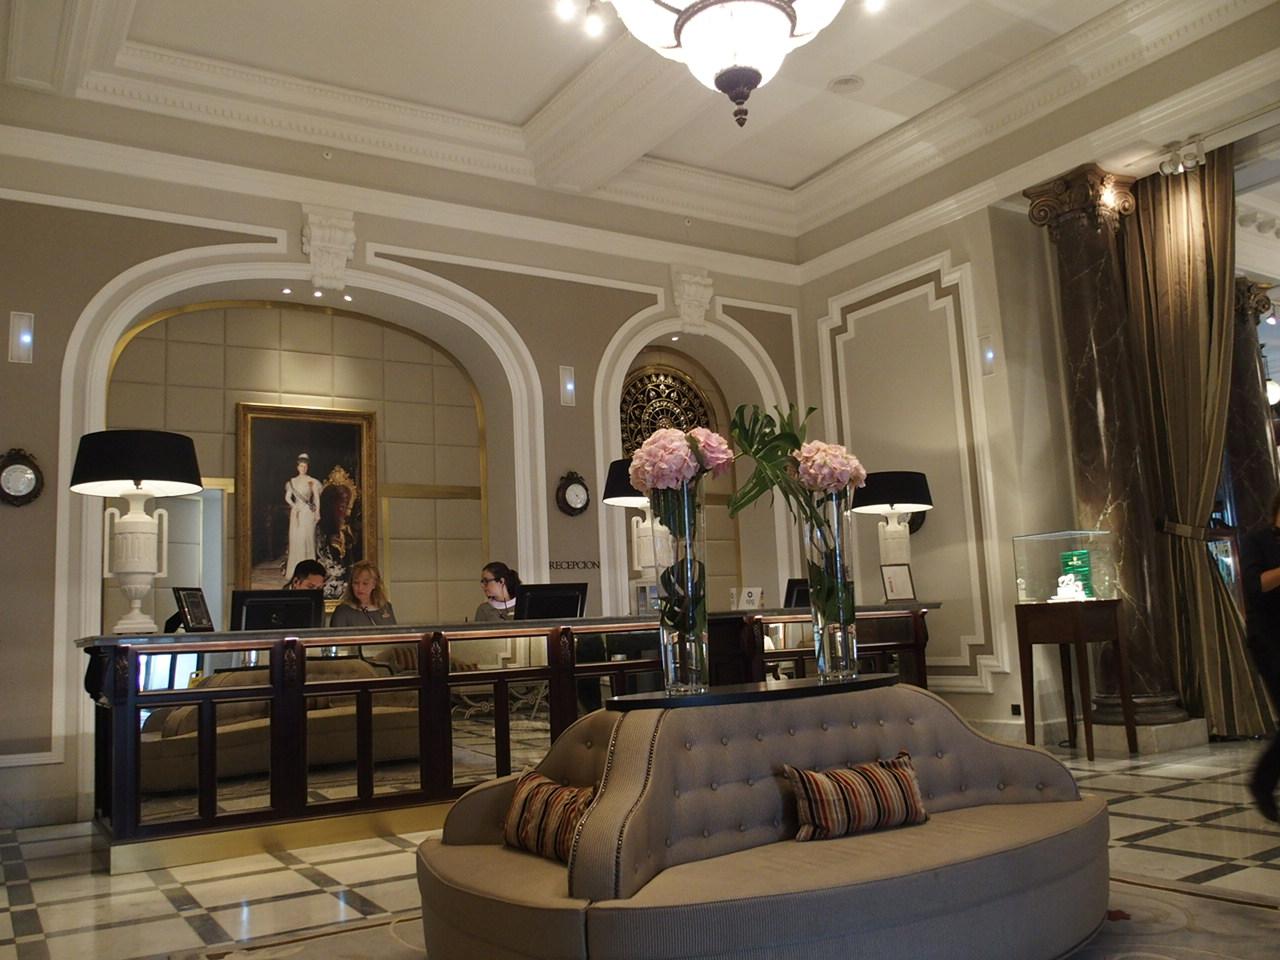 サンセバスチャンのホテルマリアクリスティーナ